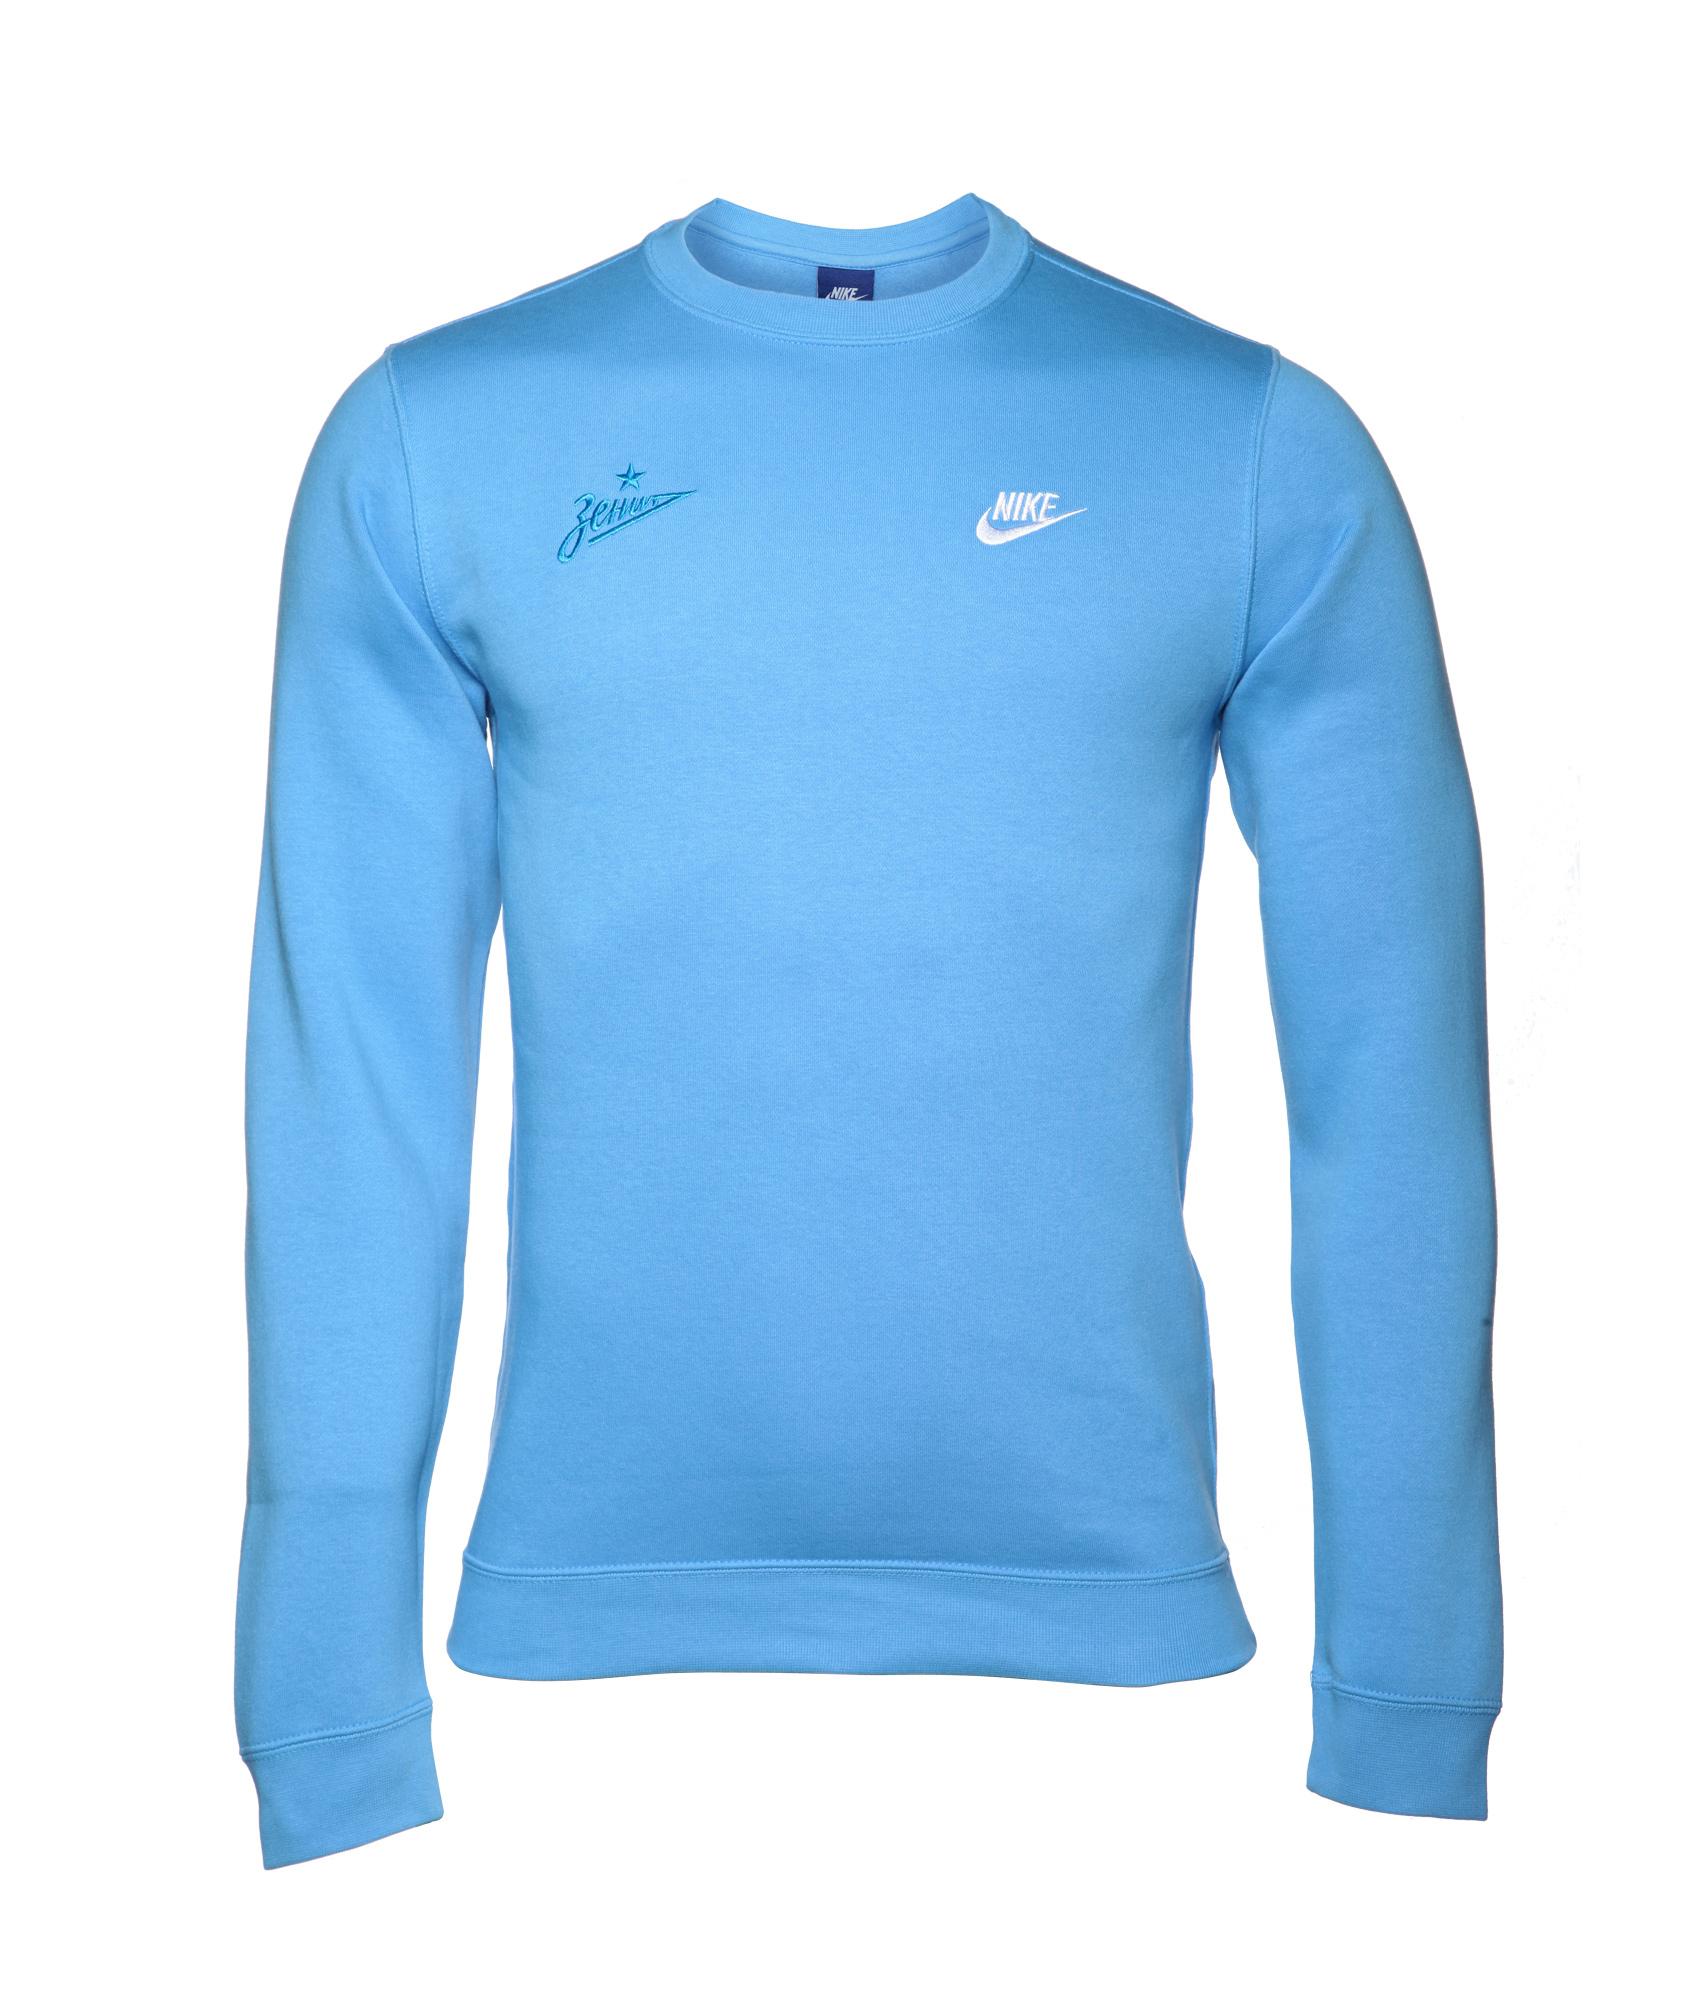 Джемпер Nike Nike Цвет-Голубой джемперы nike джемпер nike element sphere 1 2 zip